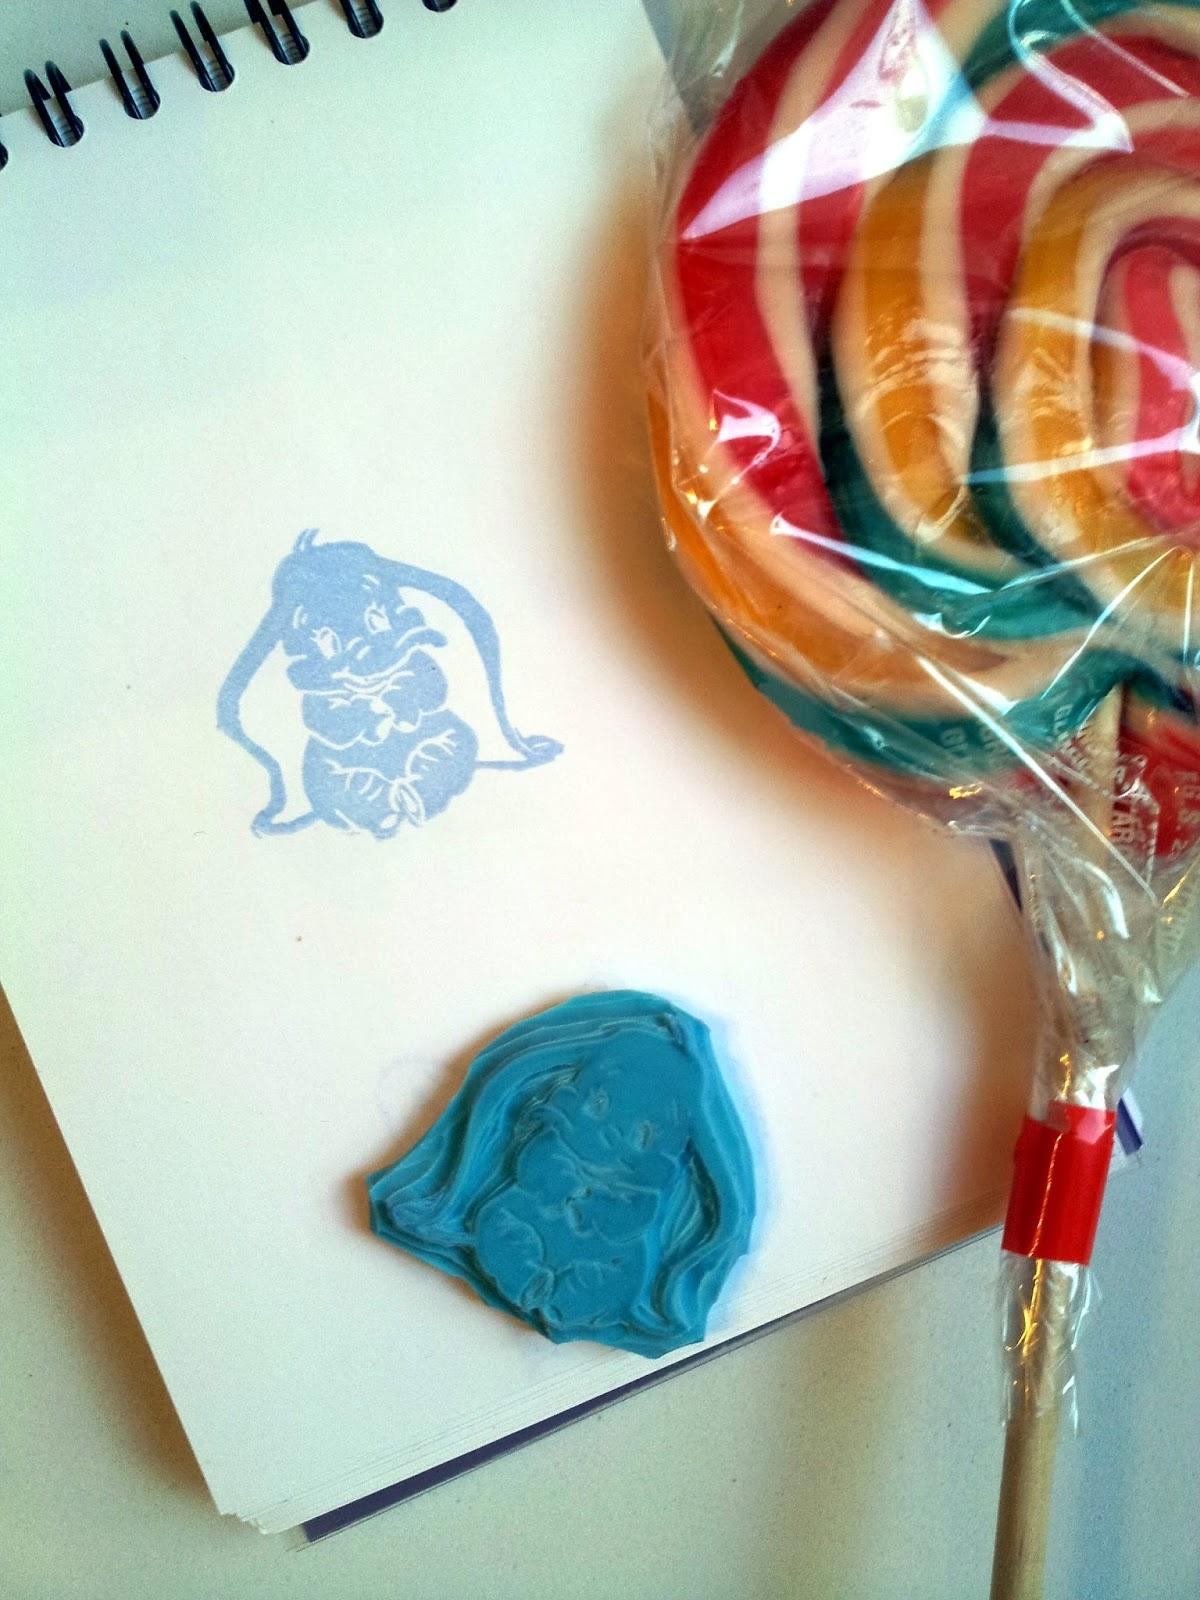 sello carvado a gubias de Disney con Dumbo